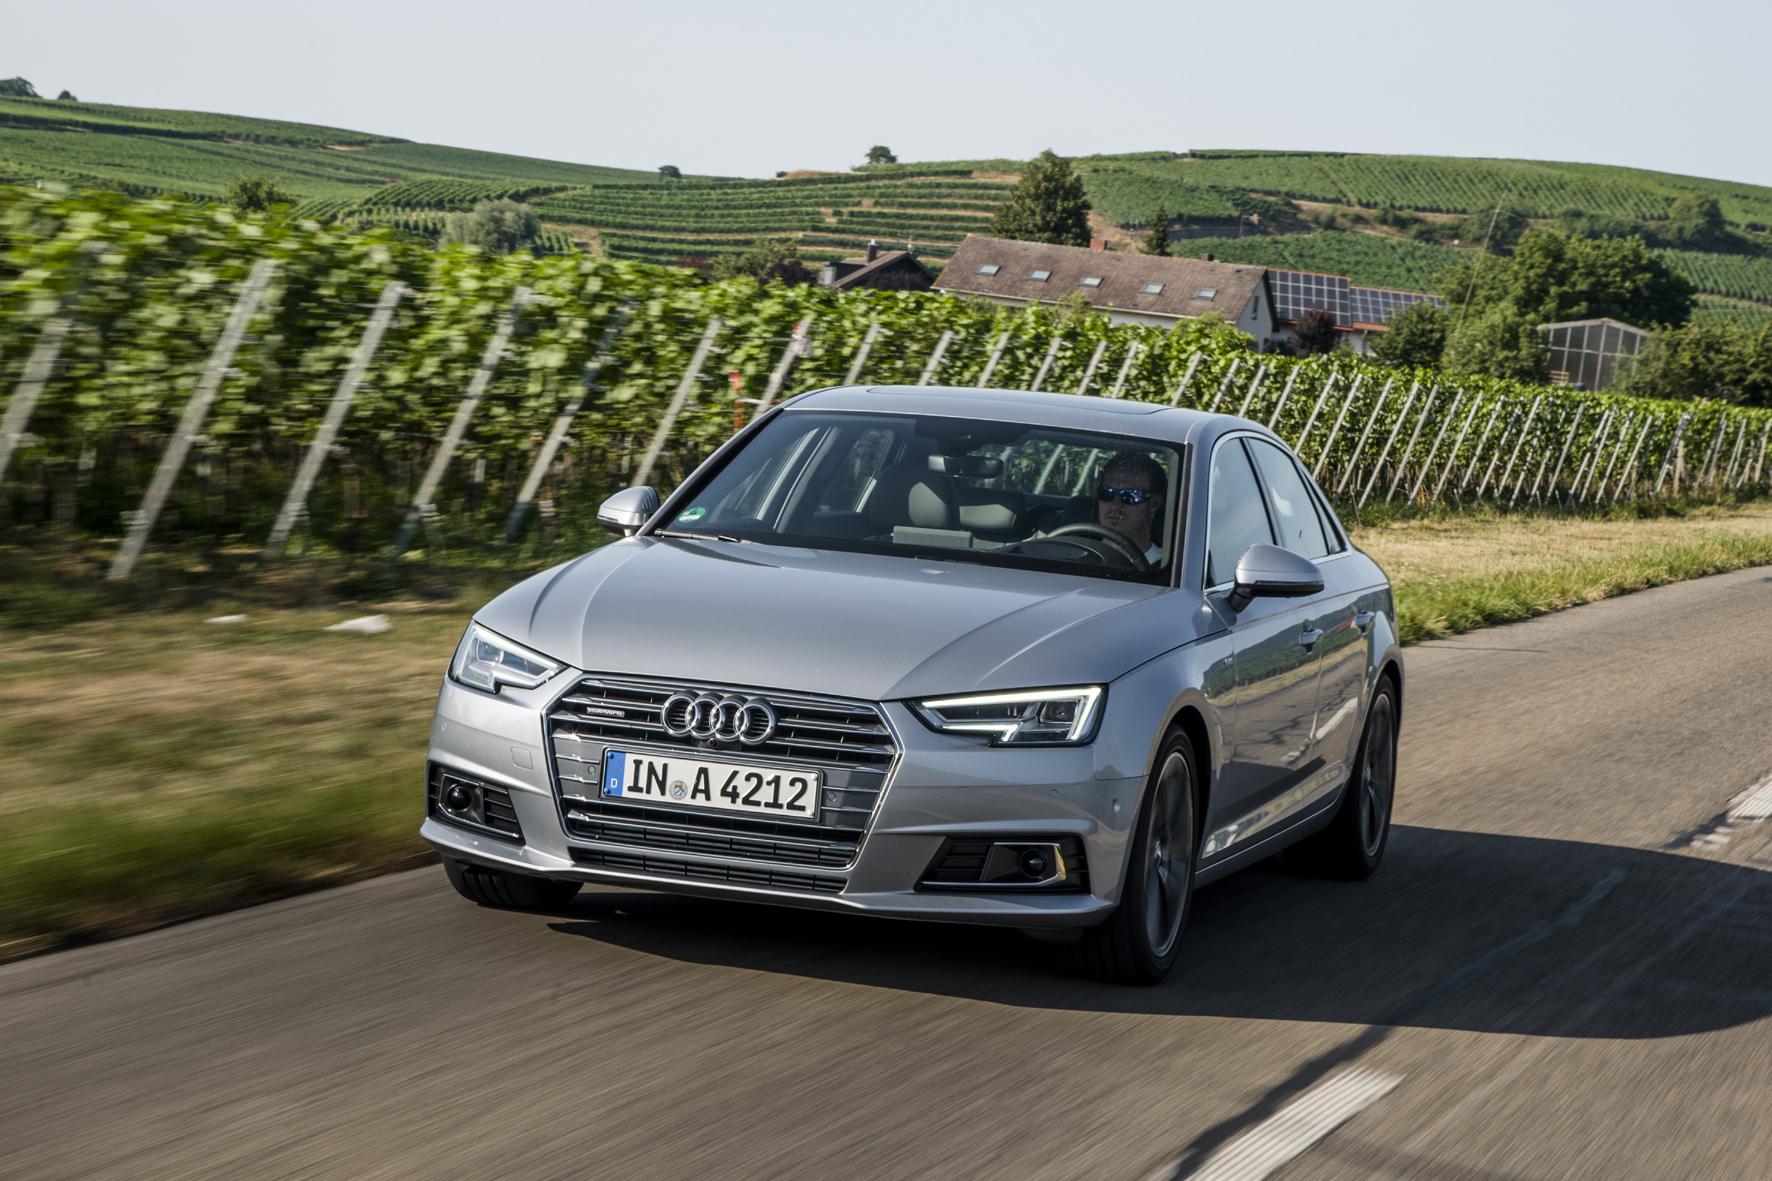 mid Düsseldorf - Schluss mit Downsizing: Statt immer kleinerer Motoren erhöht Audi den Hubraum beim neuen A4-Benziner sogar von 1,8 Liter auf 2,0 Liter.